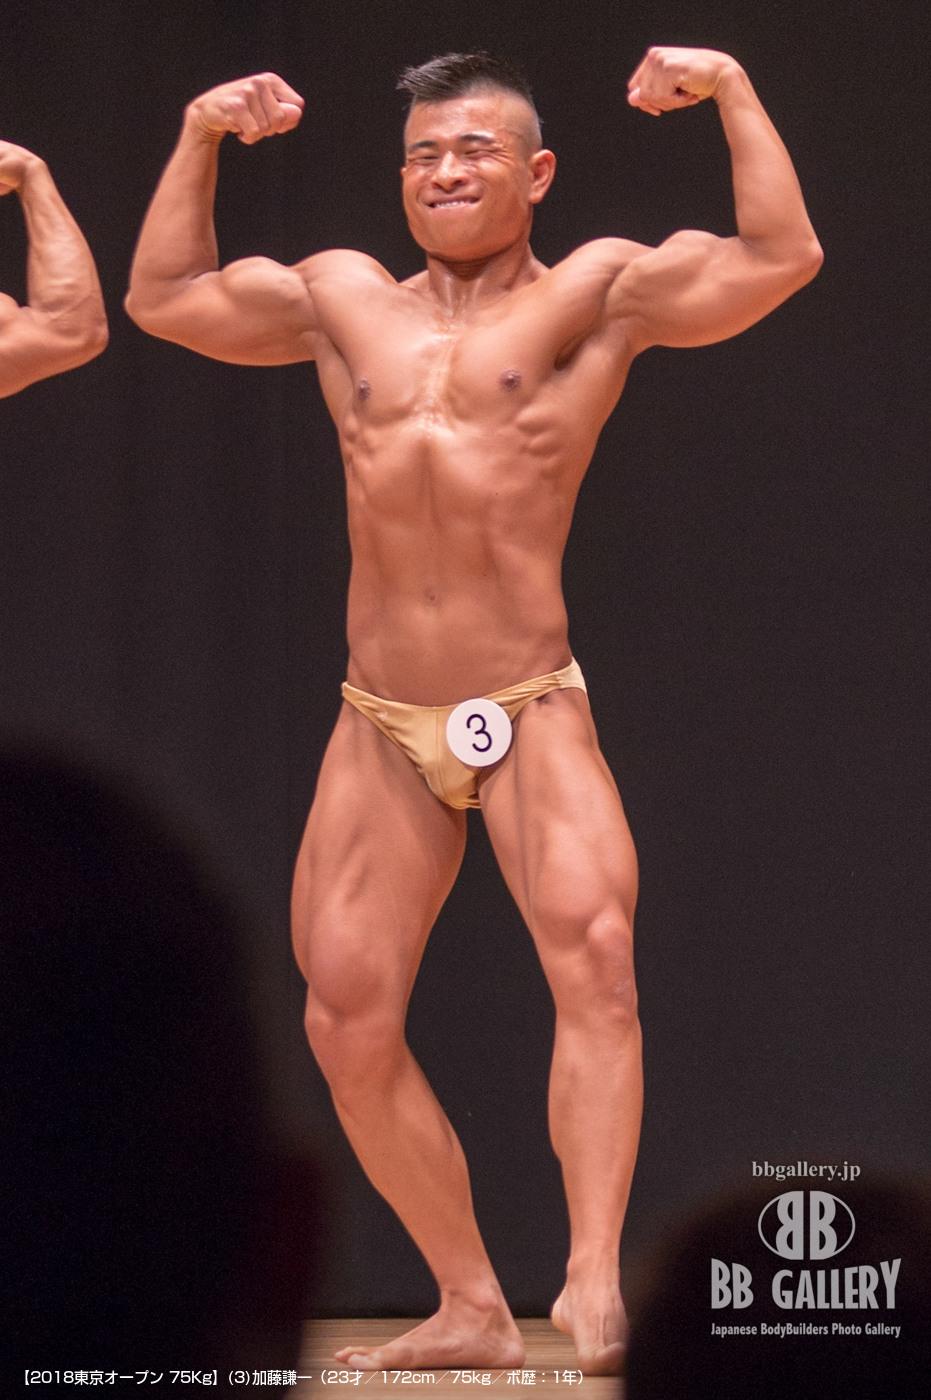 【2018東京オープン 75Kg】(3)加藤謙一(23才/172cm/75kg/ボ歴:1年)